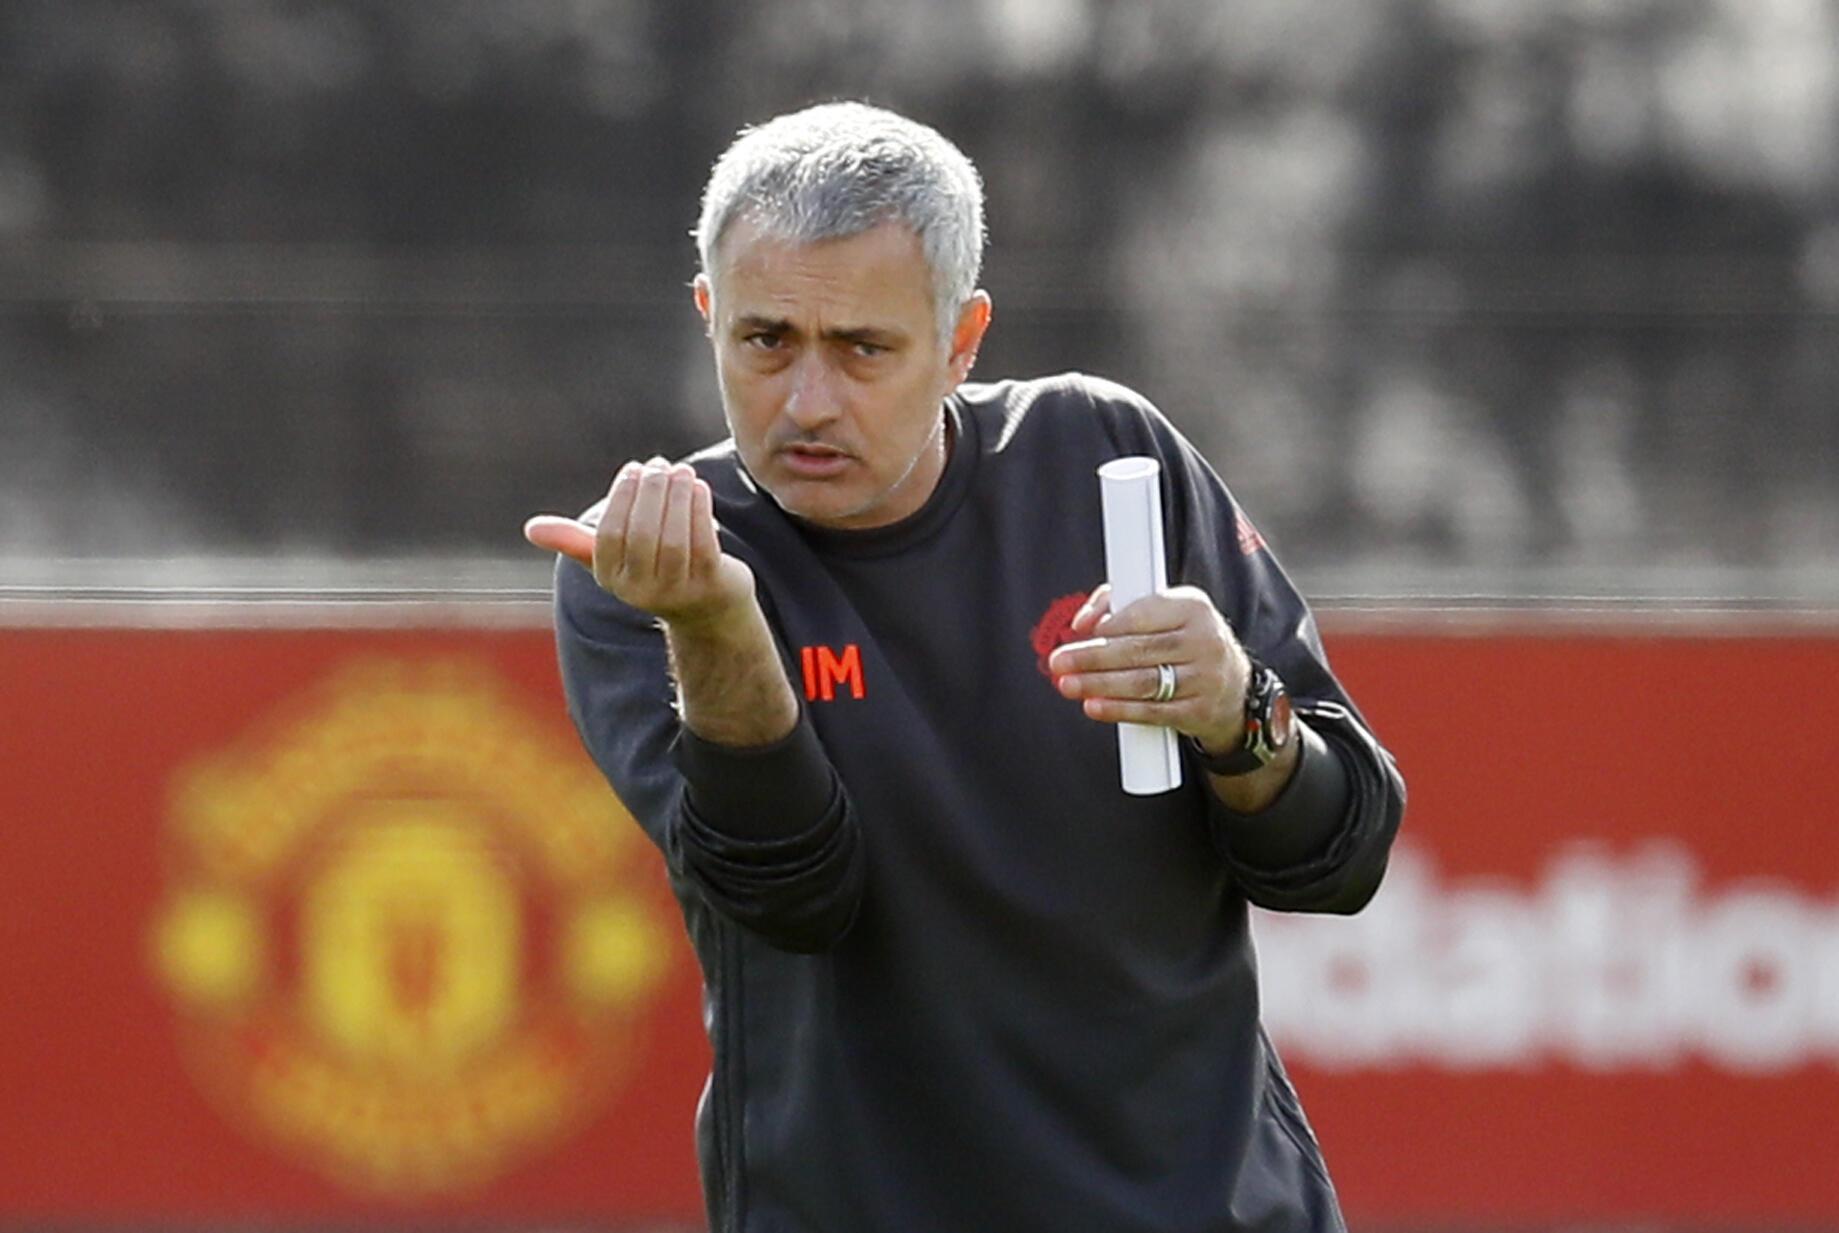 Mai horar da kungiyar kwallon kafa ta Manchester United Jose Mourinho yayin atasayen kungiyar..